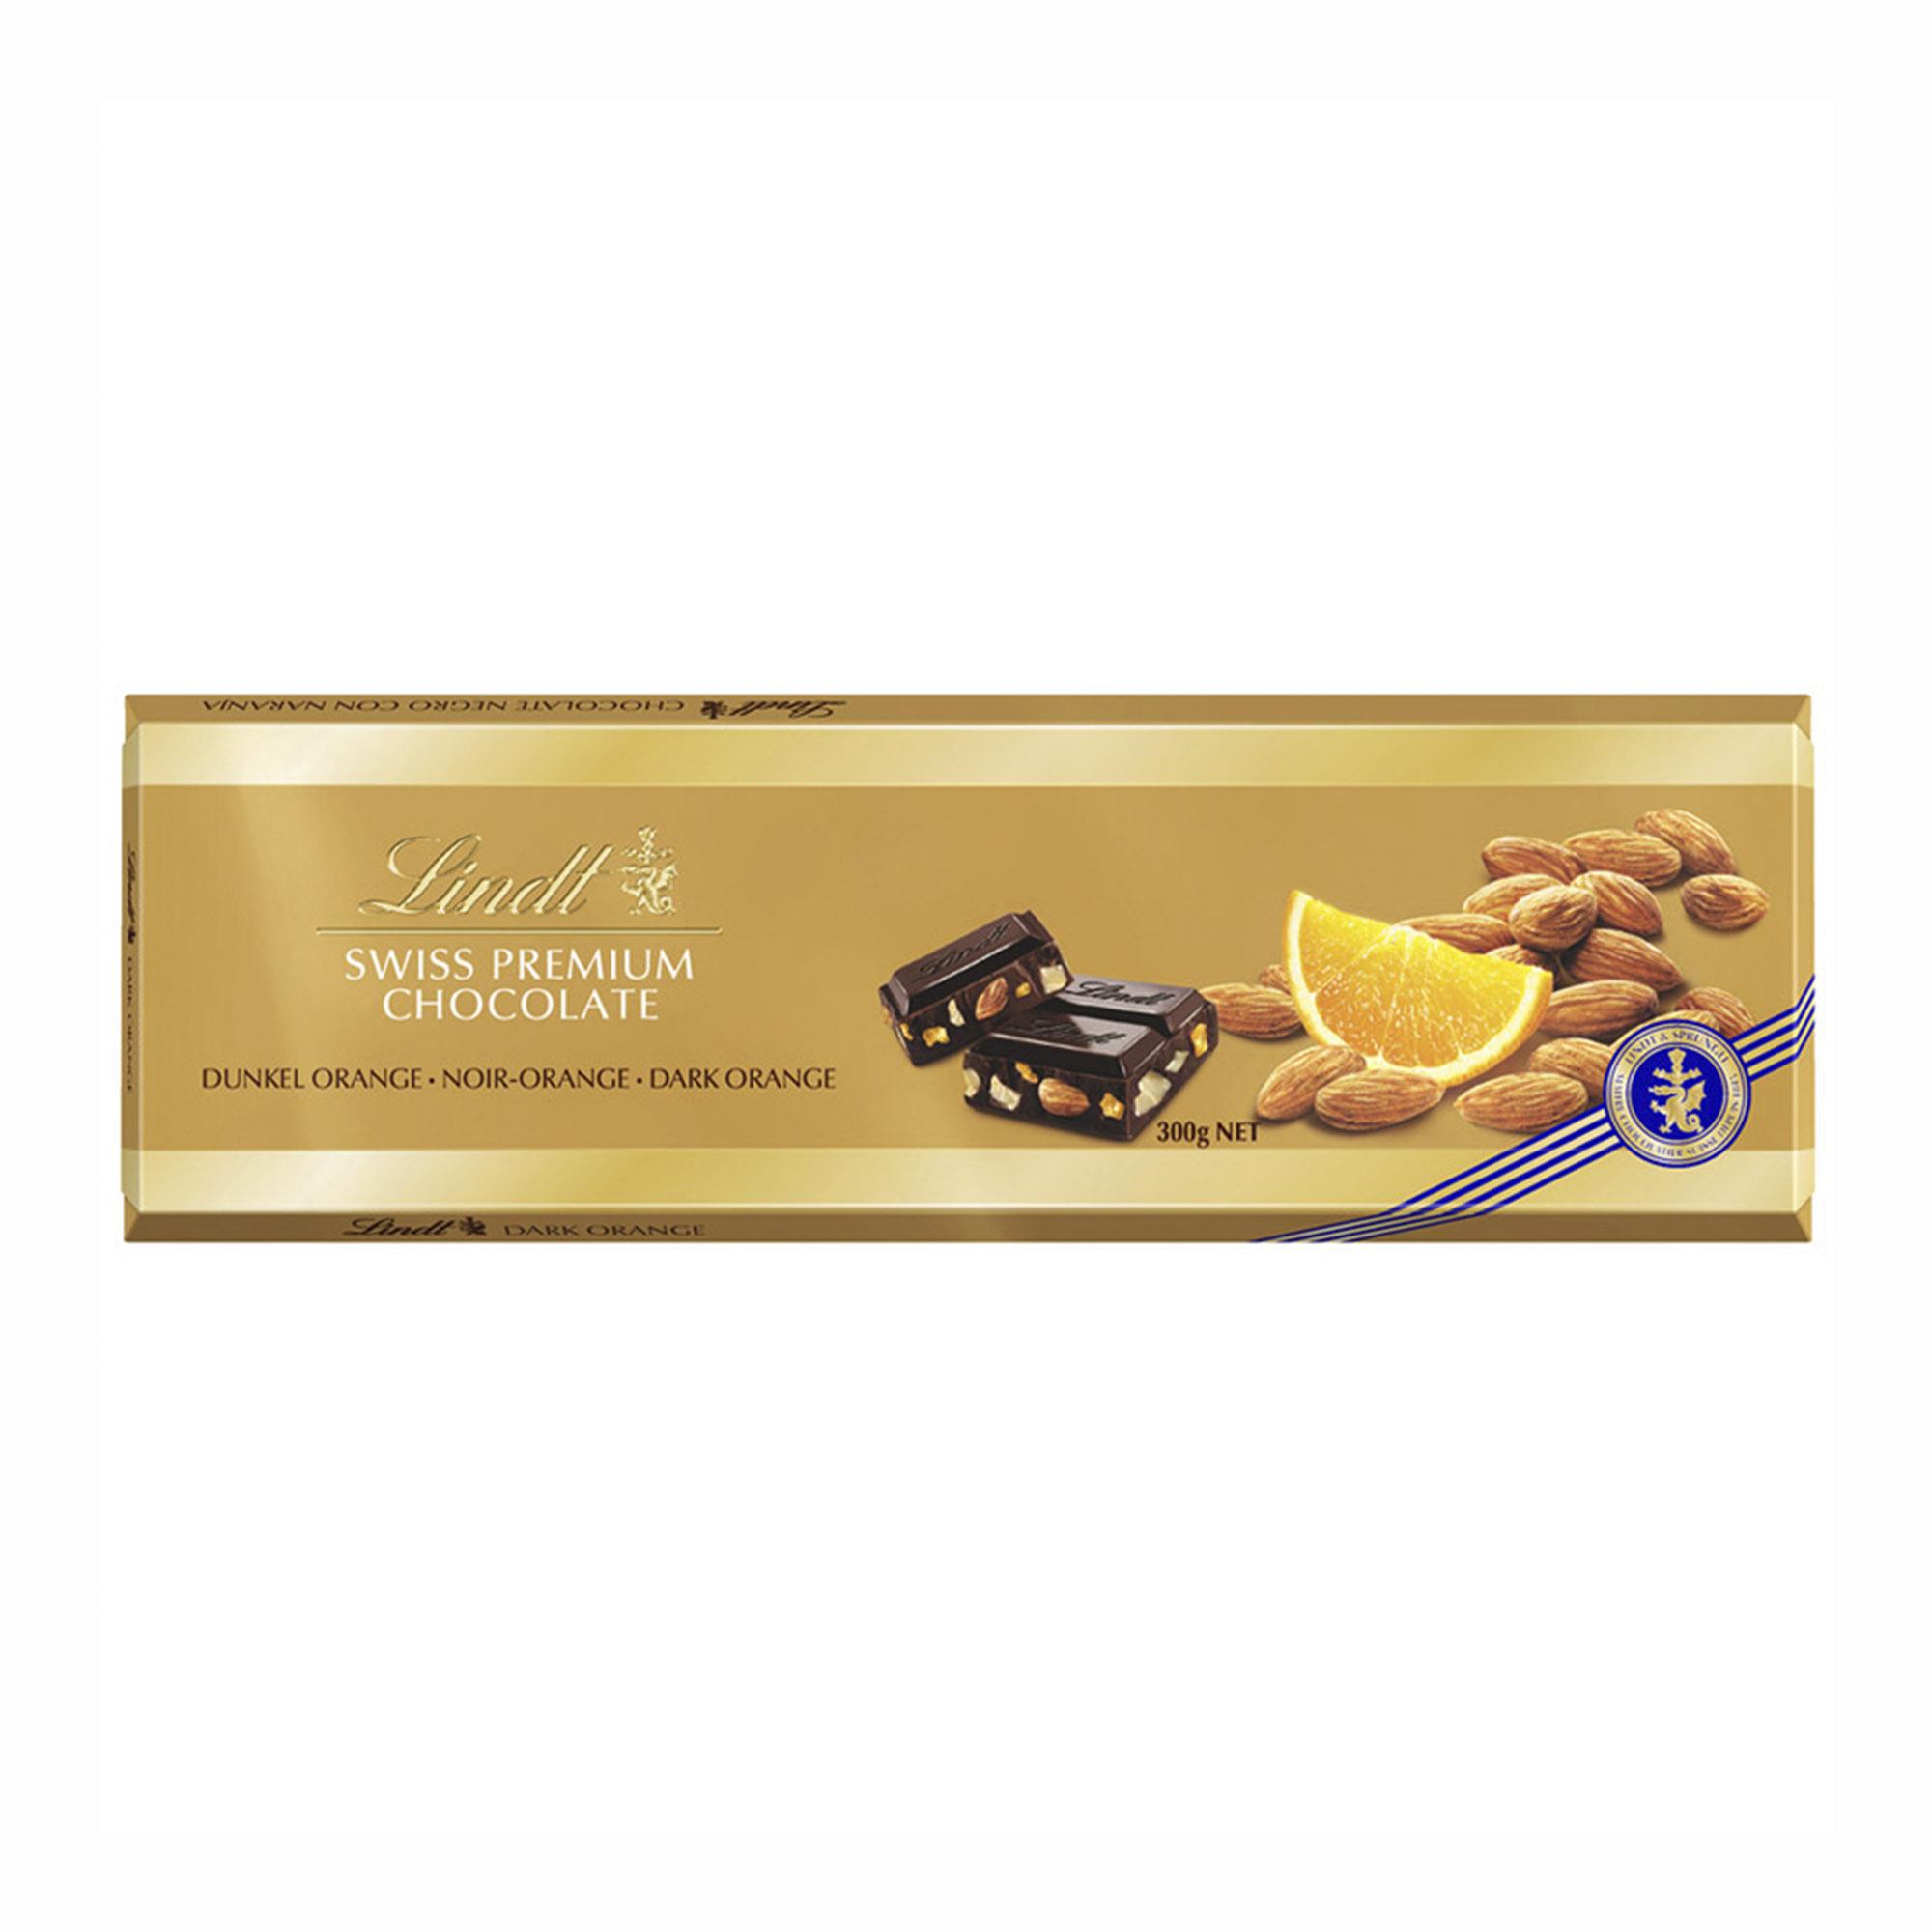 шоколад klaus горький с какао из перу с апельсином и перцем 100 г Шоколад горький Lindt Gold с Апельсином и Миндалем 300 г